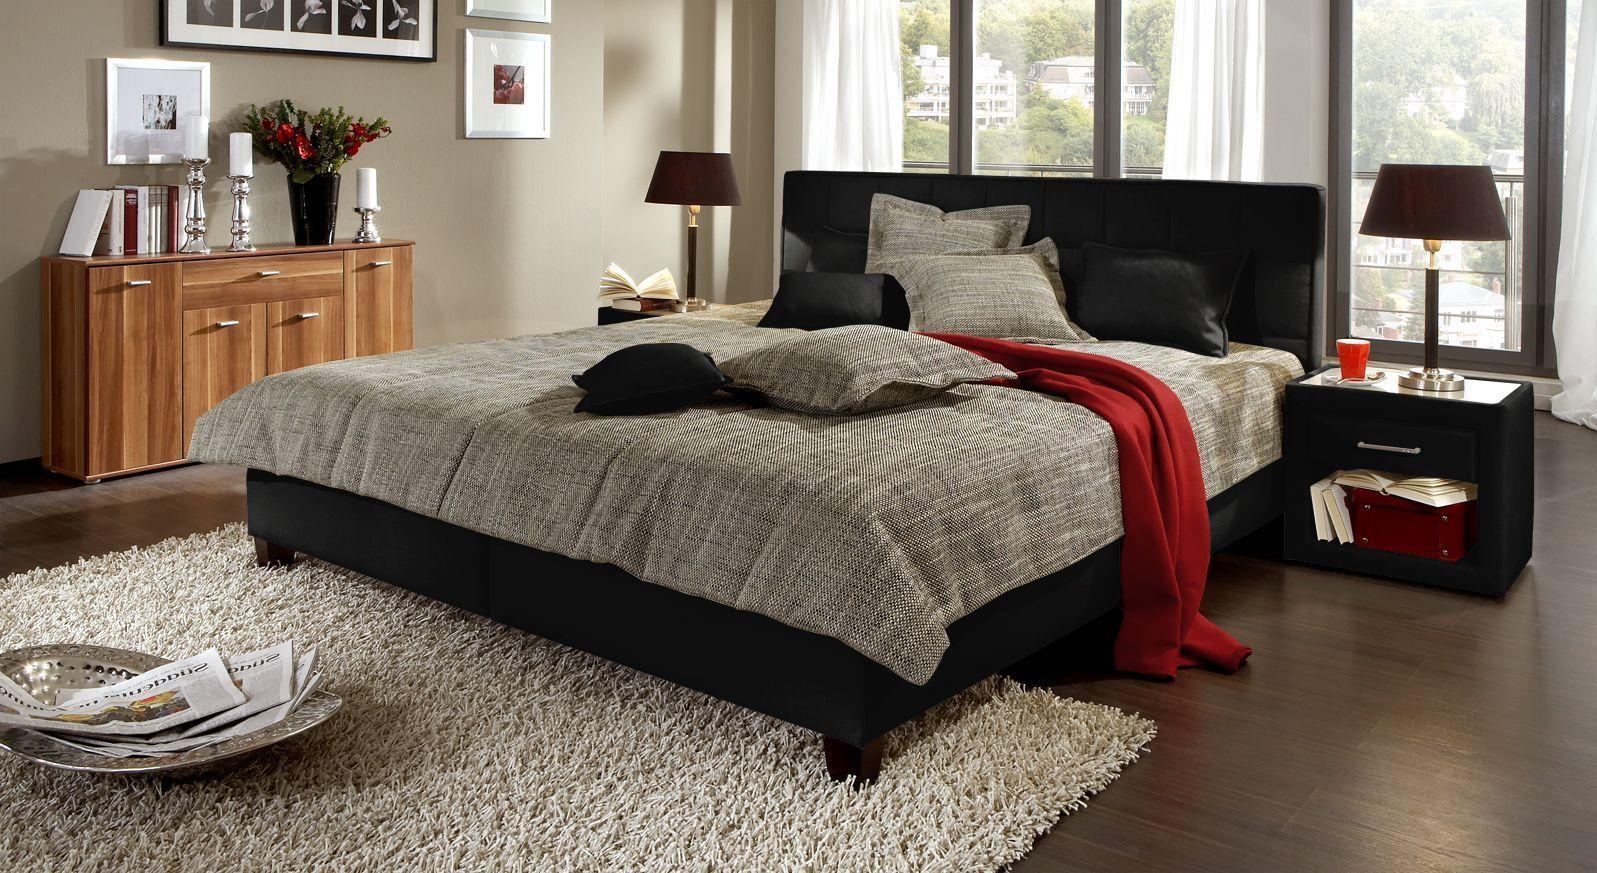 Polsterbett in dunkler Ausführung aus schwarzem Stoff online kaufen